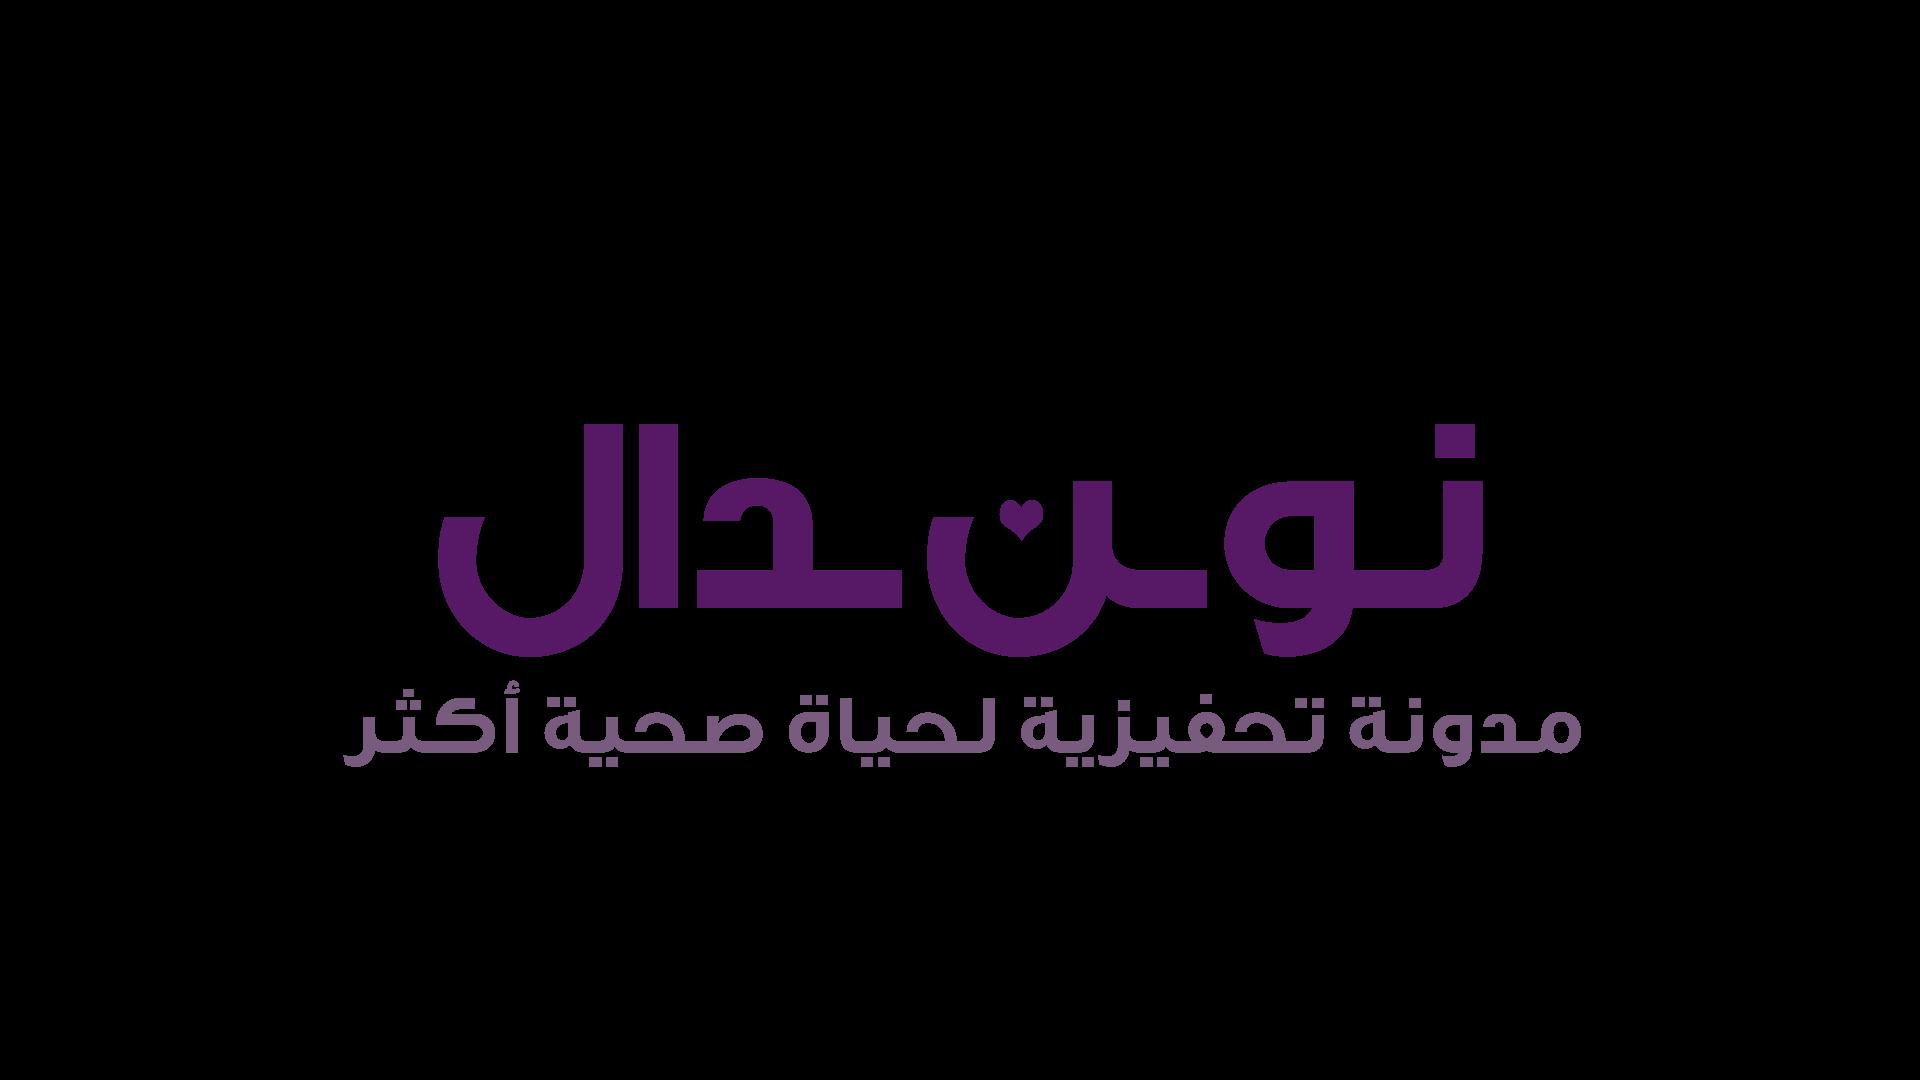 logo-by-me